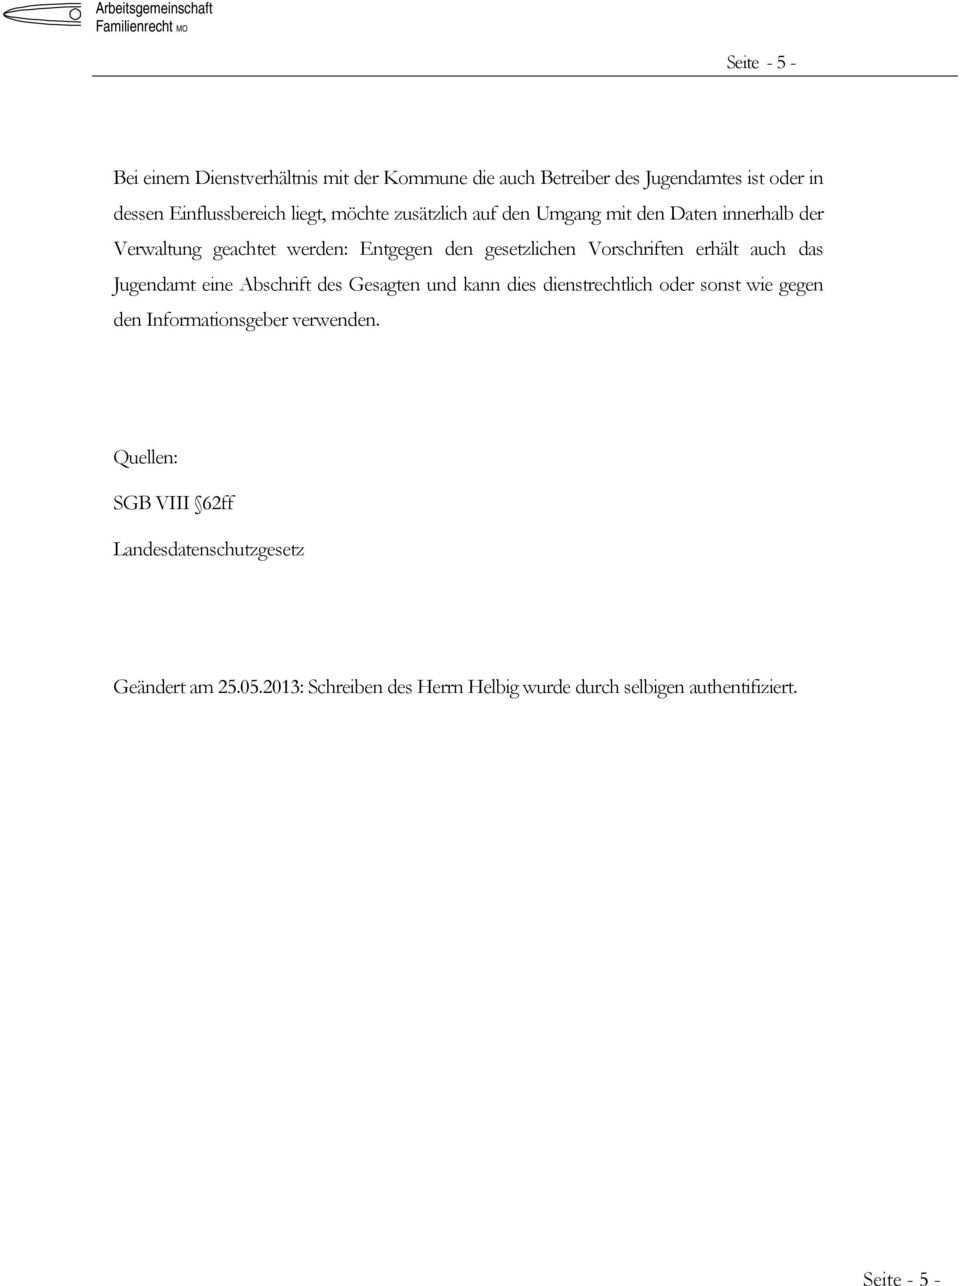 Hier Schweigepflichtenbindung Gegenuber Einem Verfahrensbeistand Im Sinne 158 Famfg Pdf Free Download